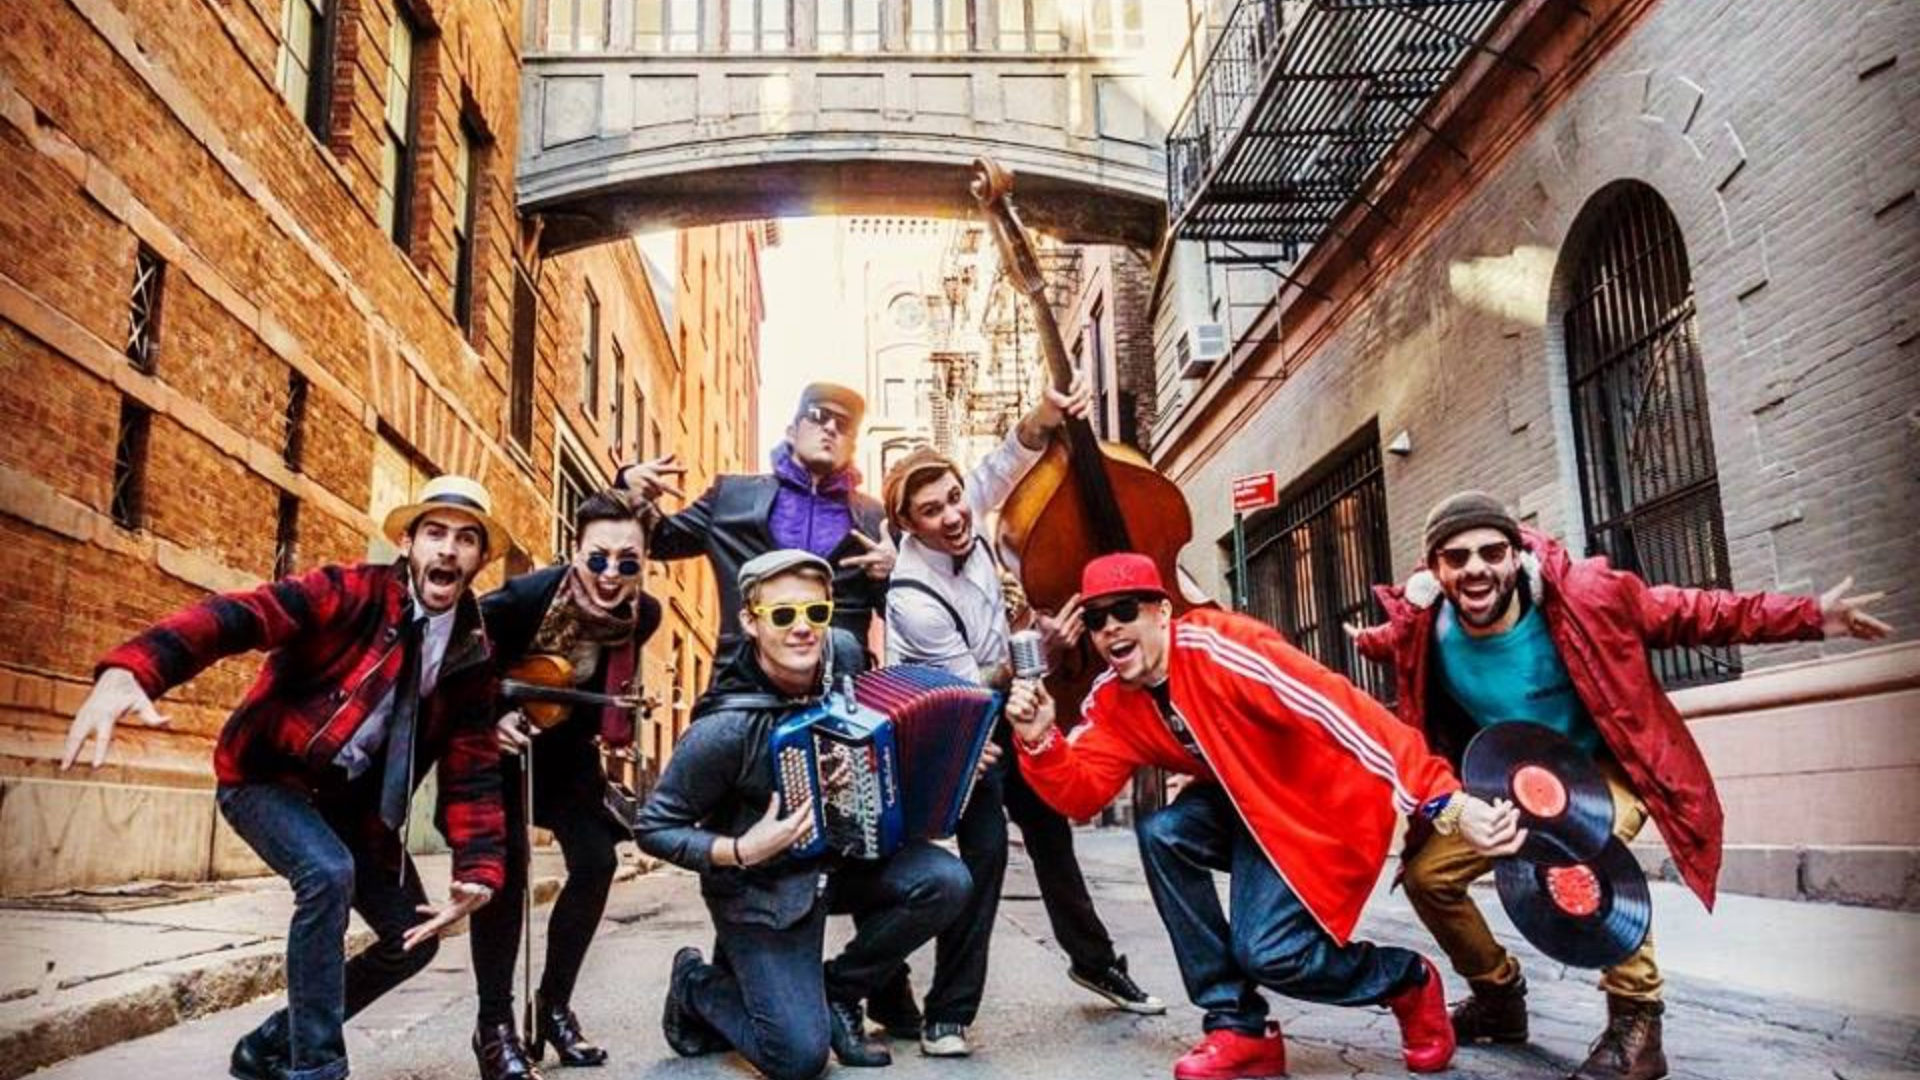 Speakeasy Streets, banda de Swing, Ska Punk, Rockabilly y Hip Hop de Nueva York en Sabado Internacional de Tropical Punk Records